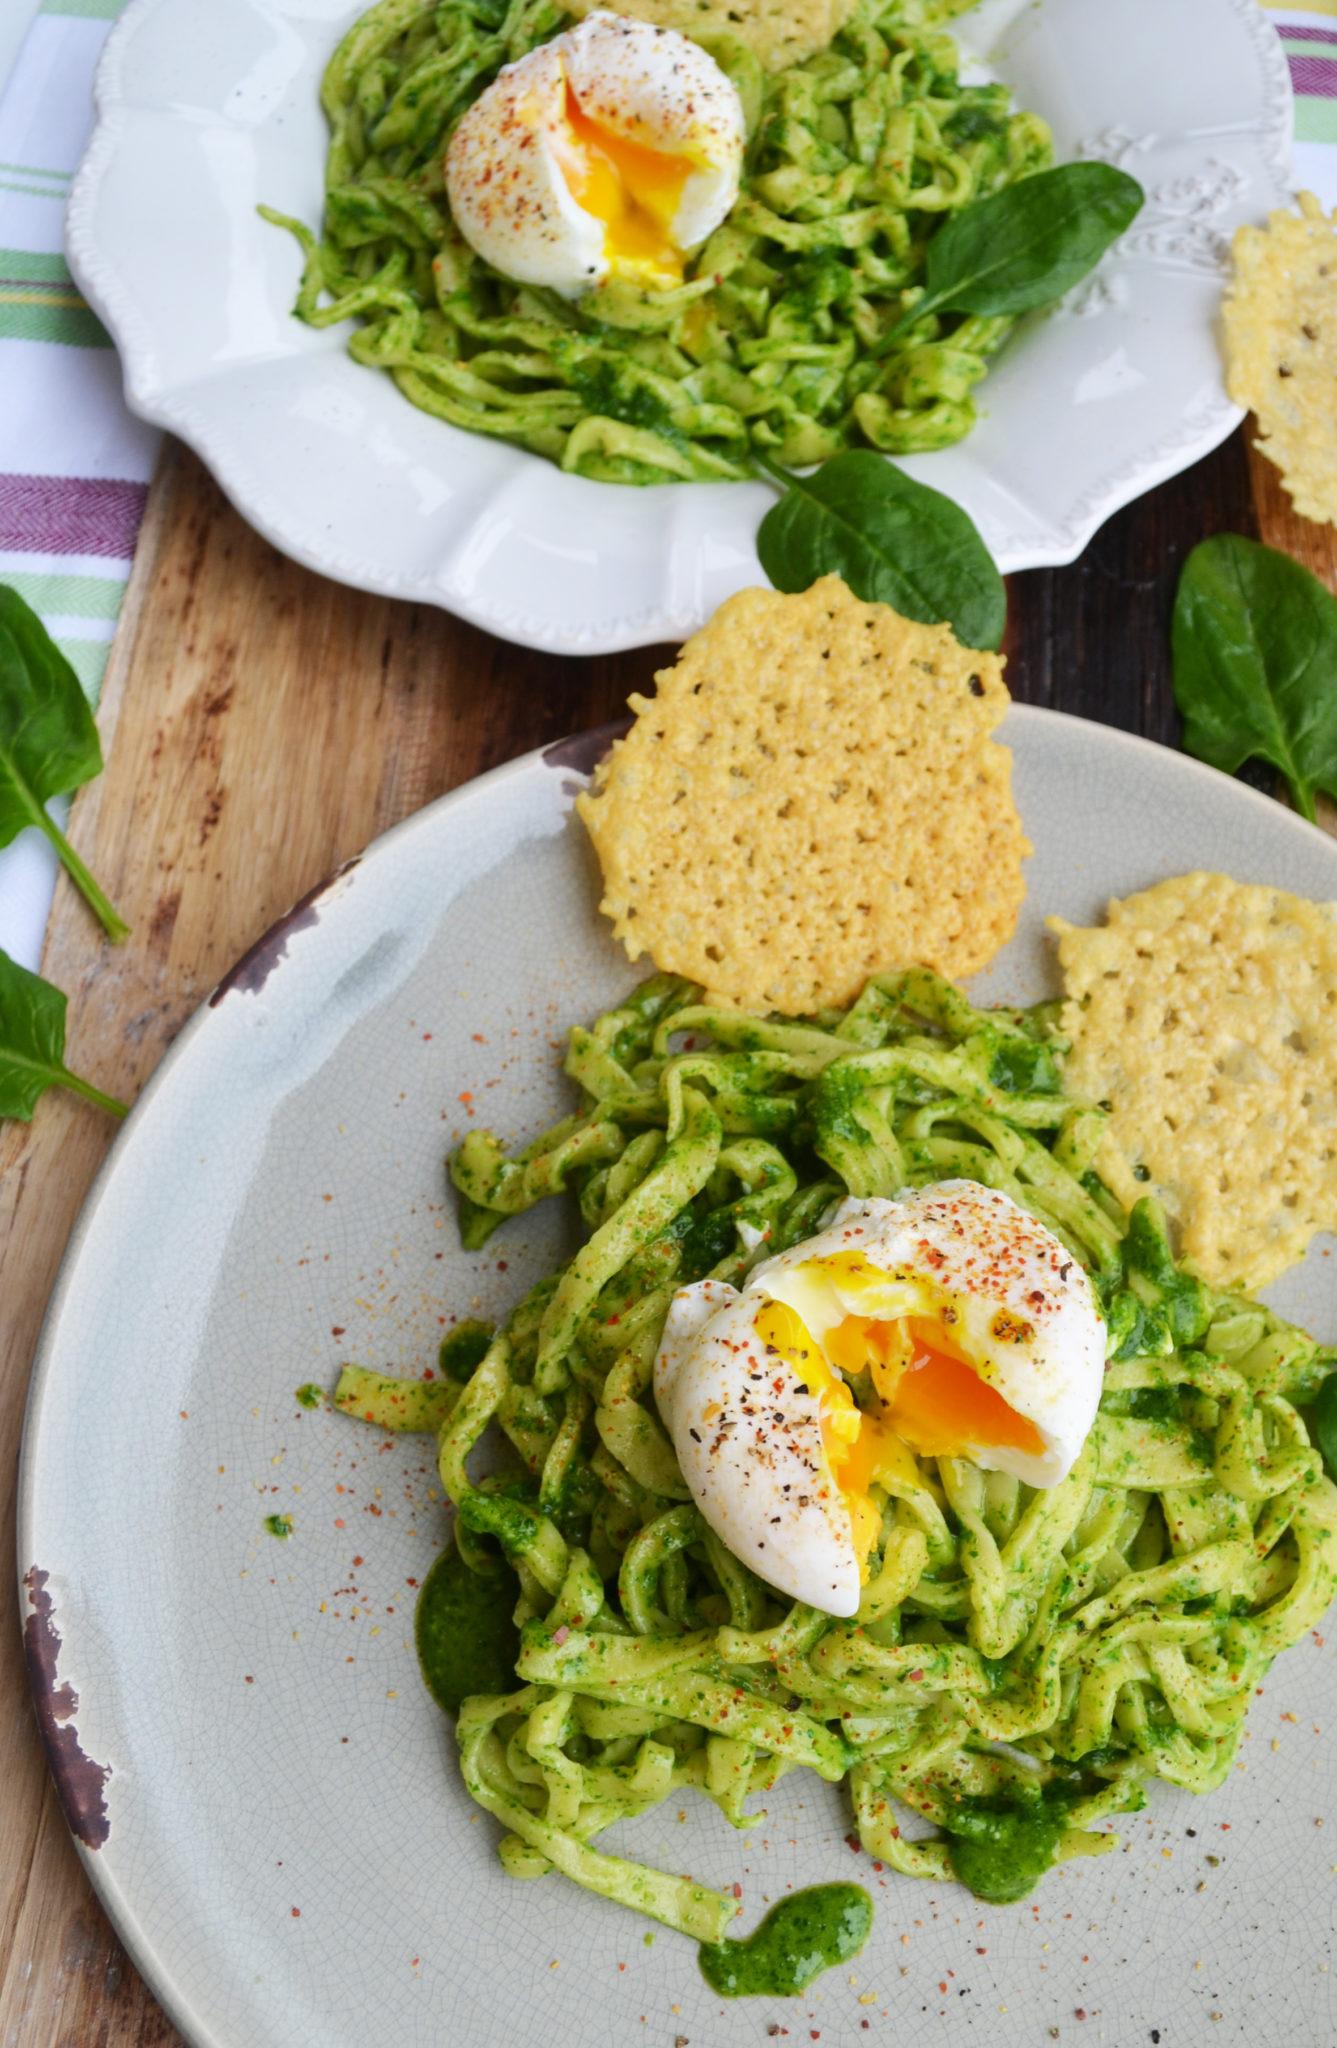 Frühlings-Pasta! Linguine mit Spinatpesto und pochiertem Ei